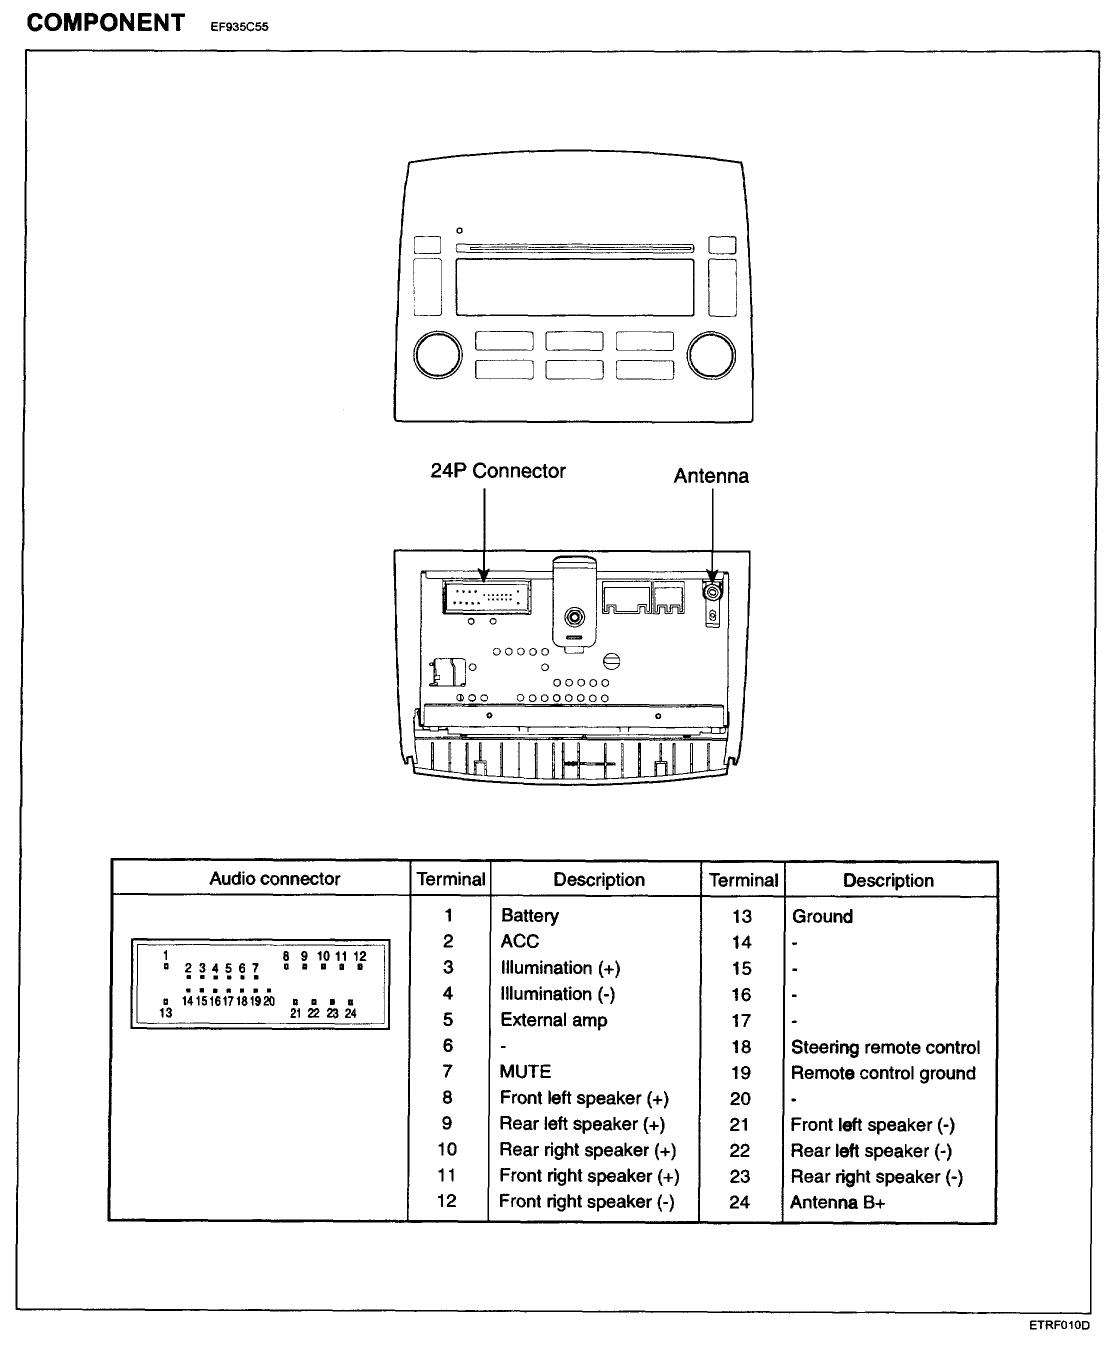 factory radio wiring diagram 2000 hyundai wiring diagram experts2000 hyundai tiburon radio wiring diagram data wiring